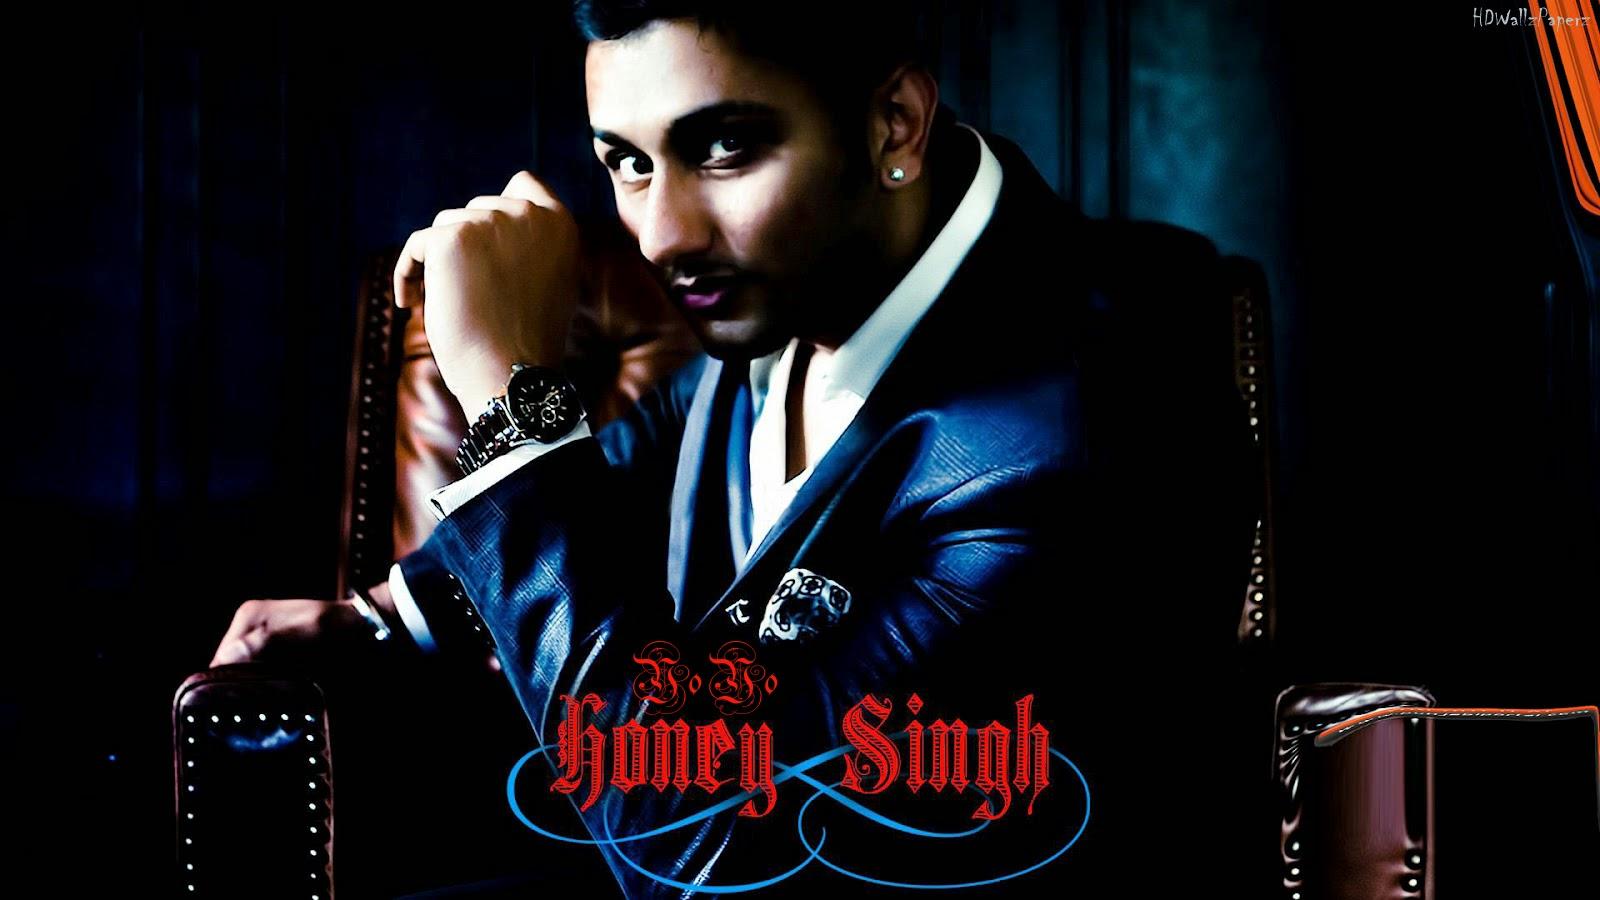 Yo Yo Honey Singh Image: Yo Yo Honey Singh